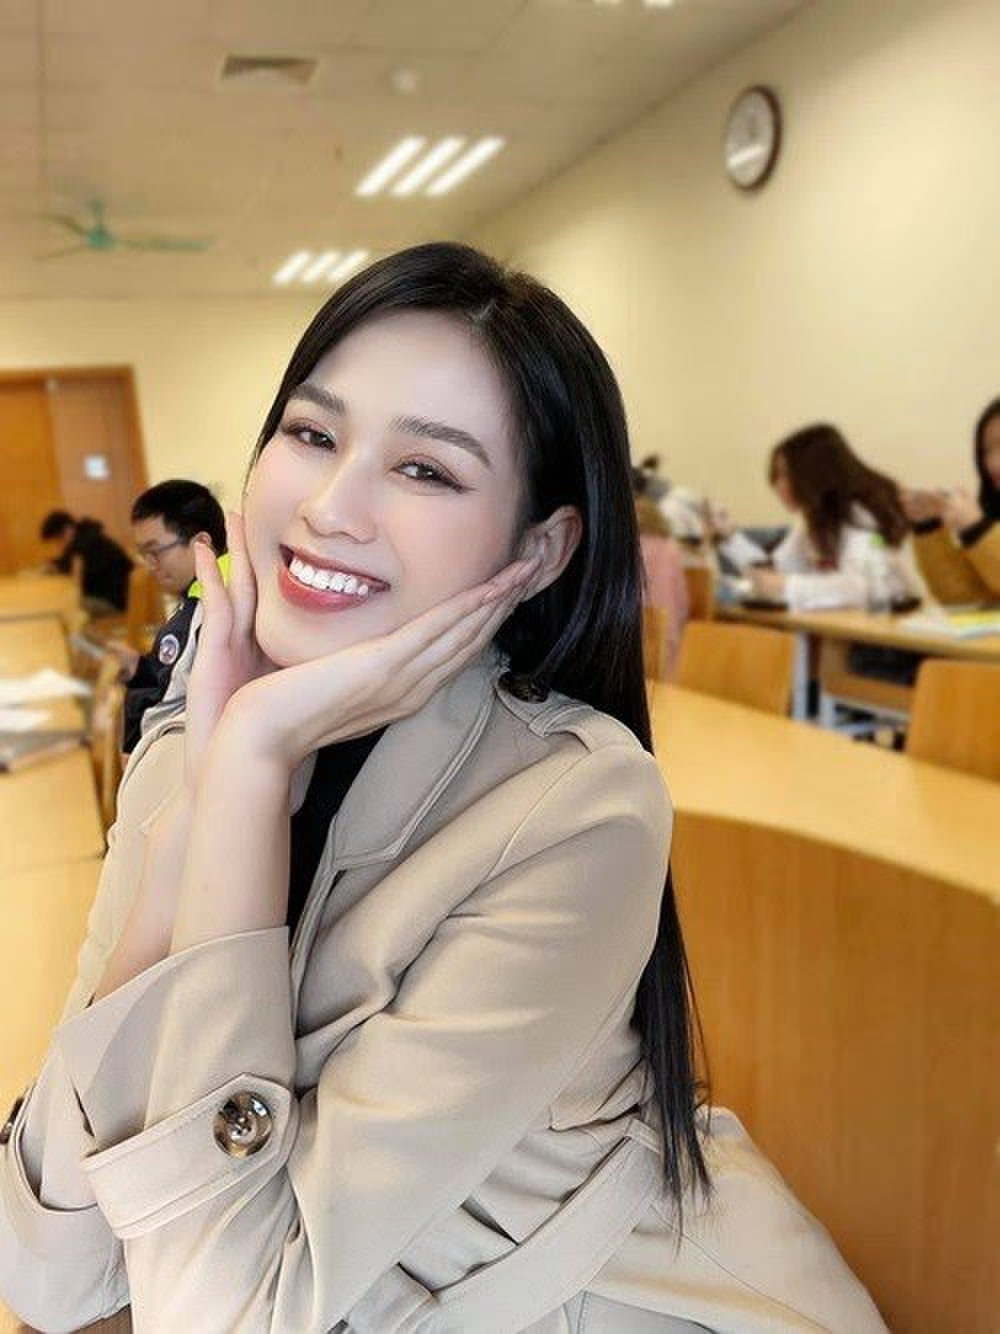 Hoa hậu Đỗ Thị Hà diện túi hiệu hơn 60 triệu đồng những ngày đầu năm Ảnh 5